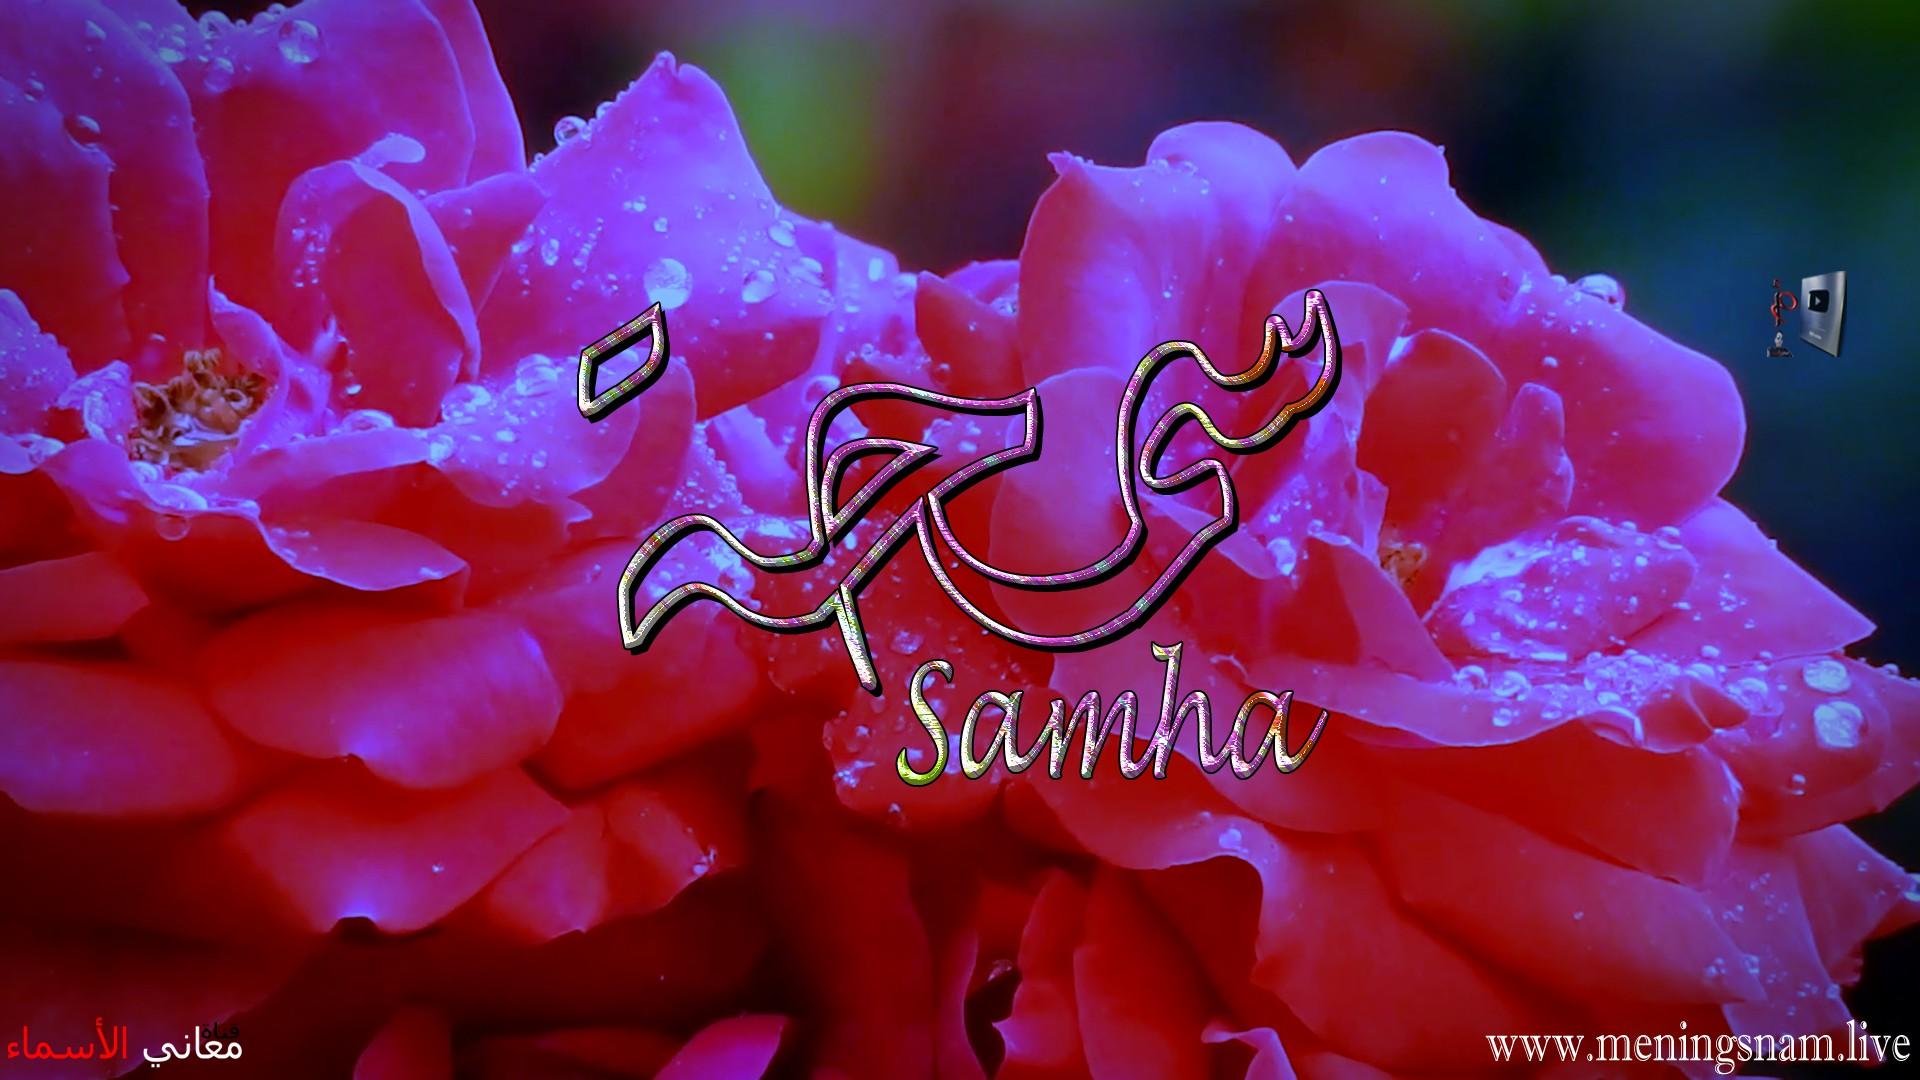 معنى اسم سمحة وصفات حاملة هذا الاسم Samha